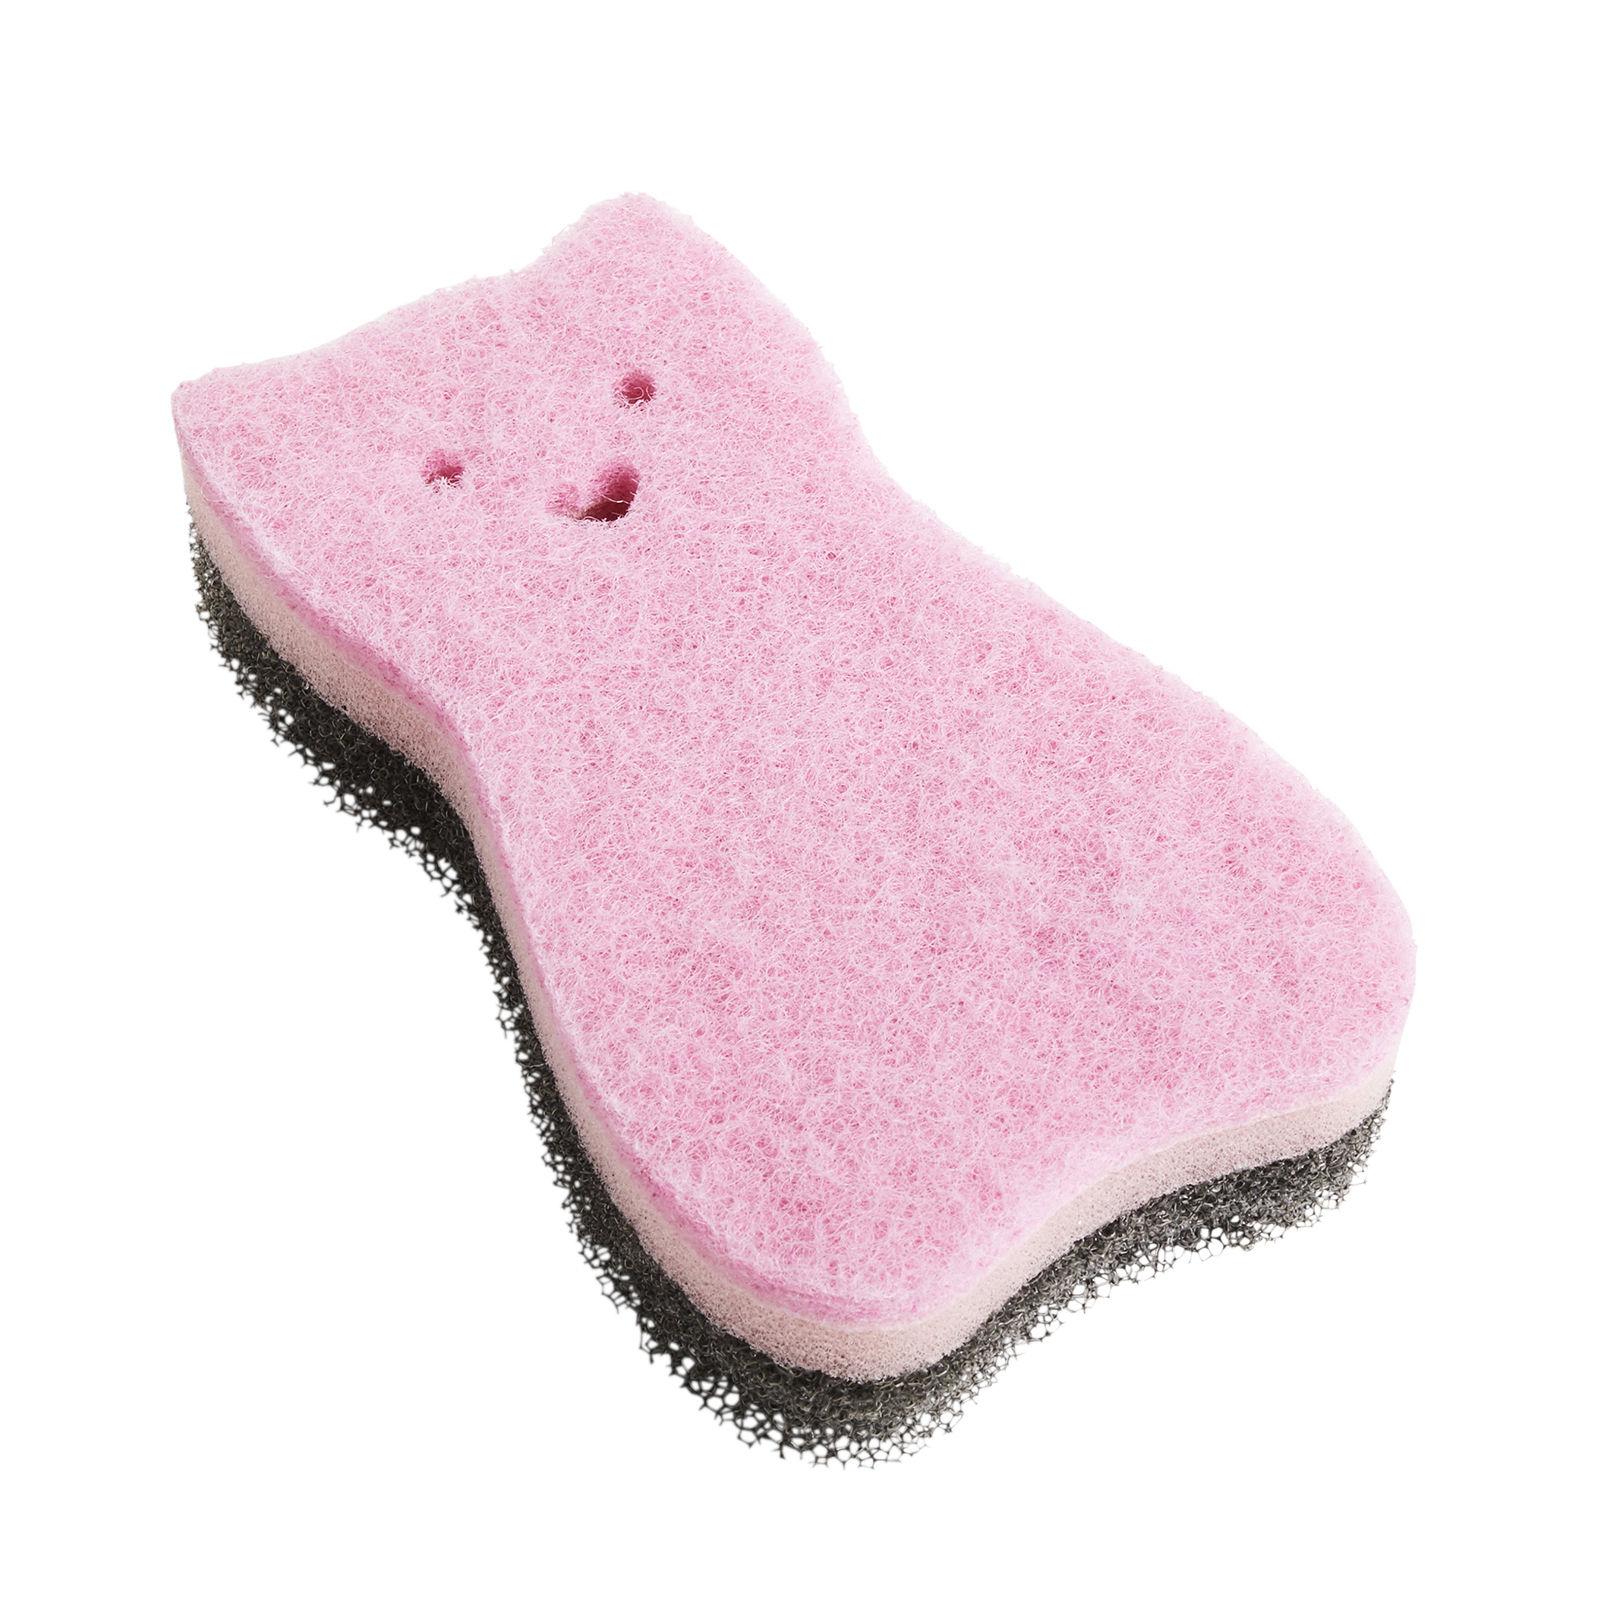 Kitchenware - Kitchen Sink Accessories - Kitty Sponge by Hay - Kitty / Pink - Polyester, Polyurethane foam